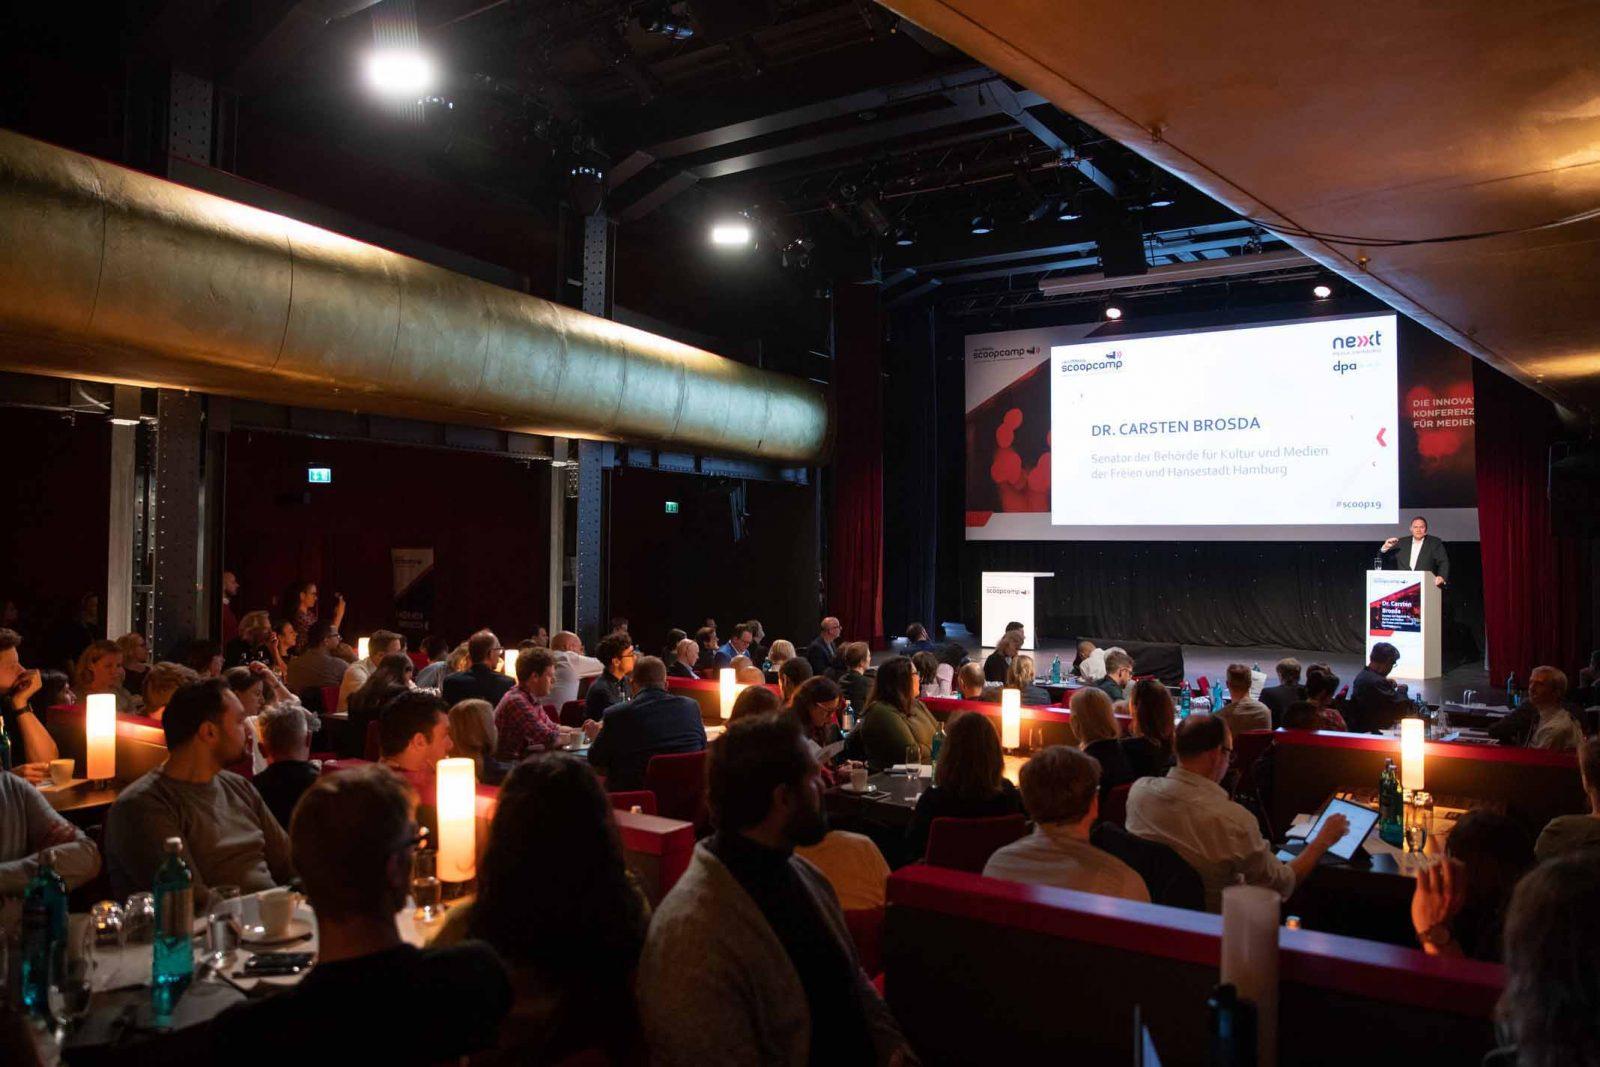 Dr. Carsten Brosda Dr. Carsten Brosda, Senator für Kultur und Medien der Freien und Hansestadt Hamburg, begrüßte die Gäste des scoopcamp 2019. Fotocredit: Christian Charisius